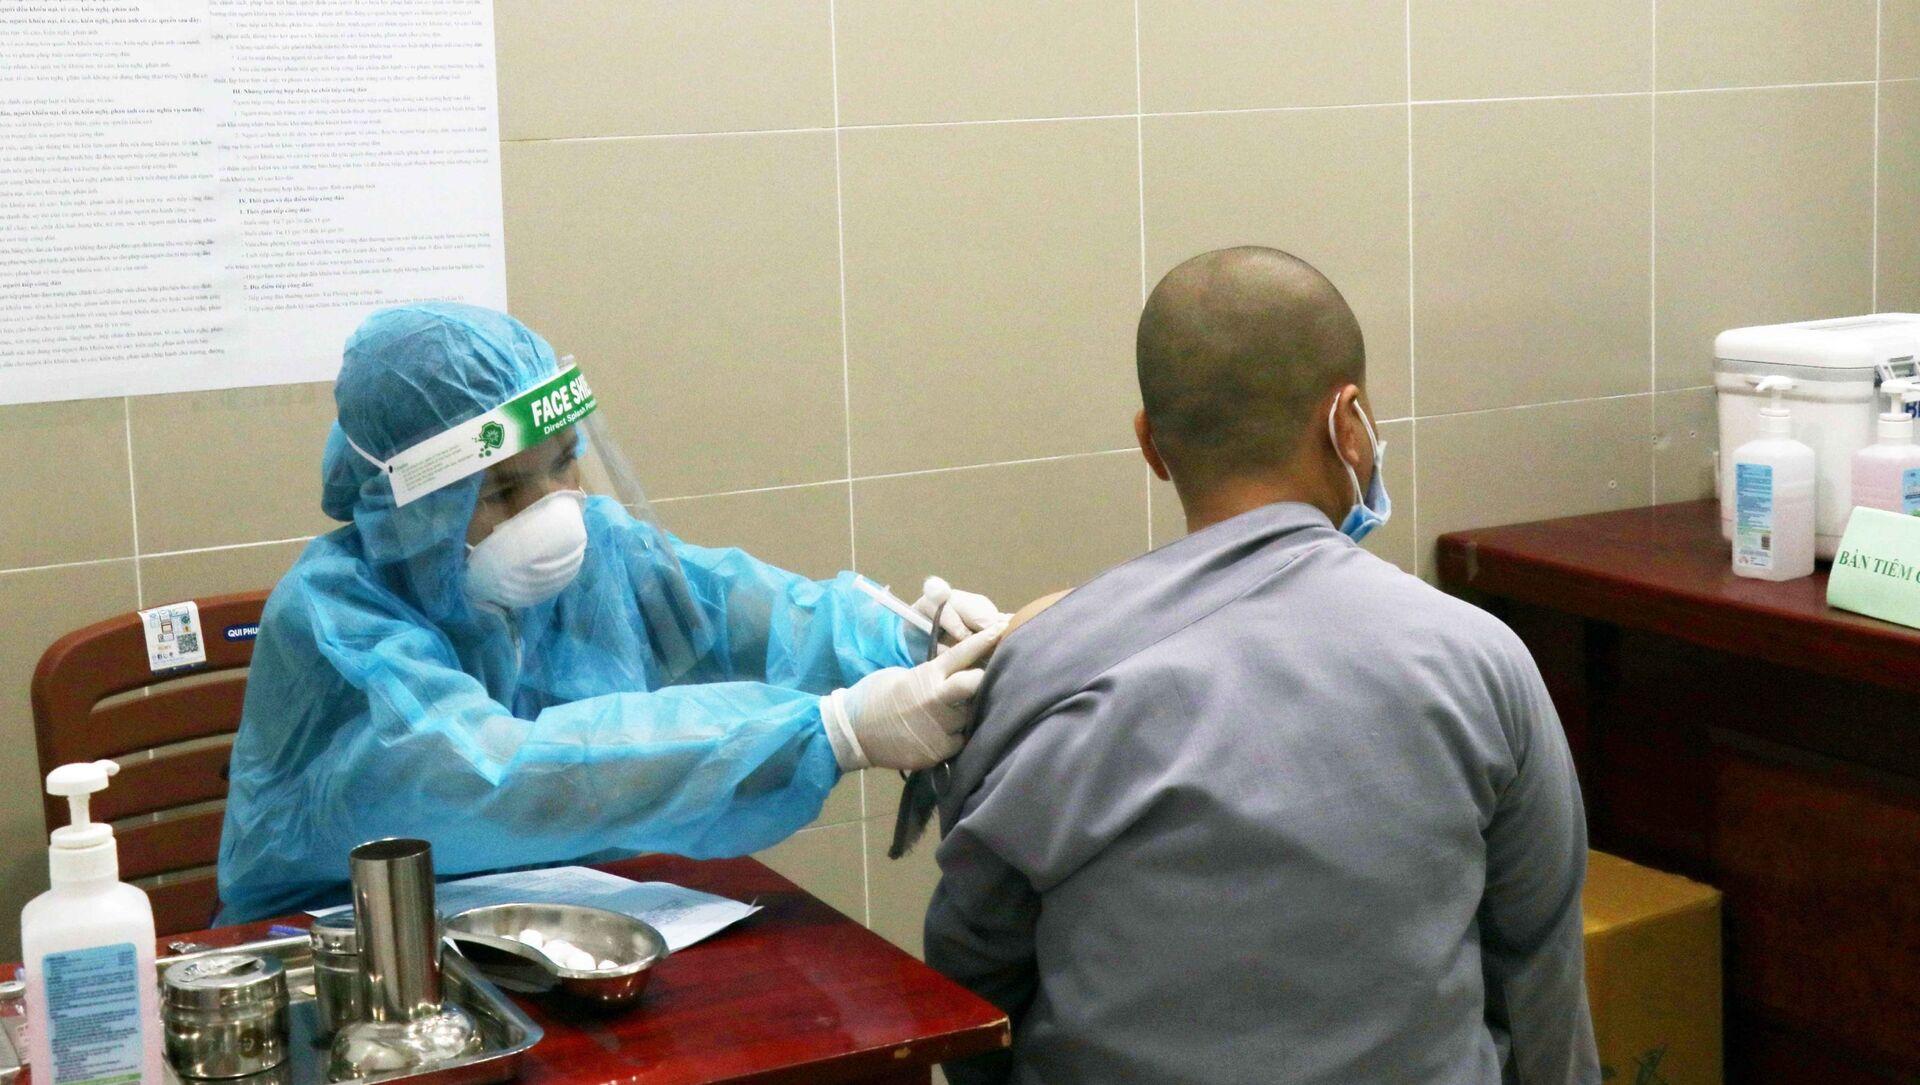 Một chư Ni tình nguyện tham gia hỗ trợ tuyến đầu chống dịch được tiêm vaccine phòng COVID-19 tại Bệnh viện Quận 11 - Sputnik Việt Nam, 1920, 27.07.2021